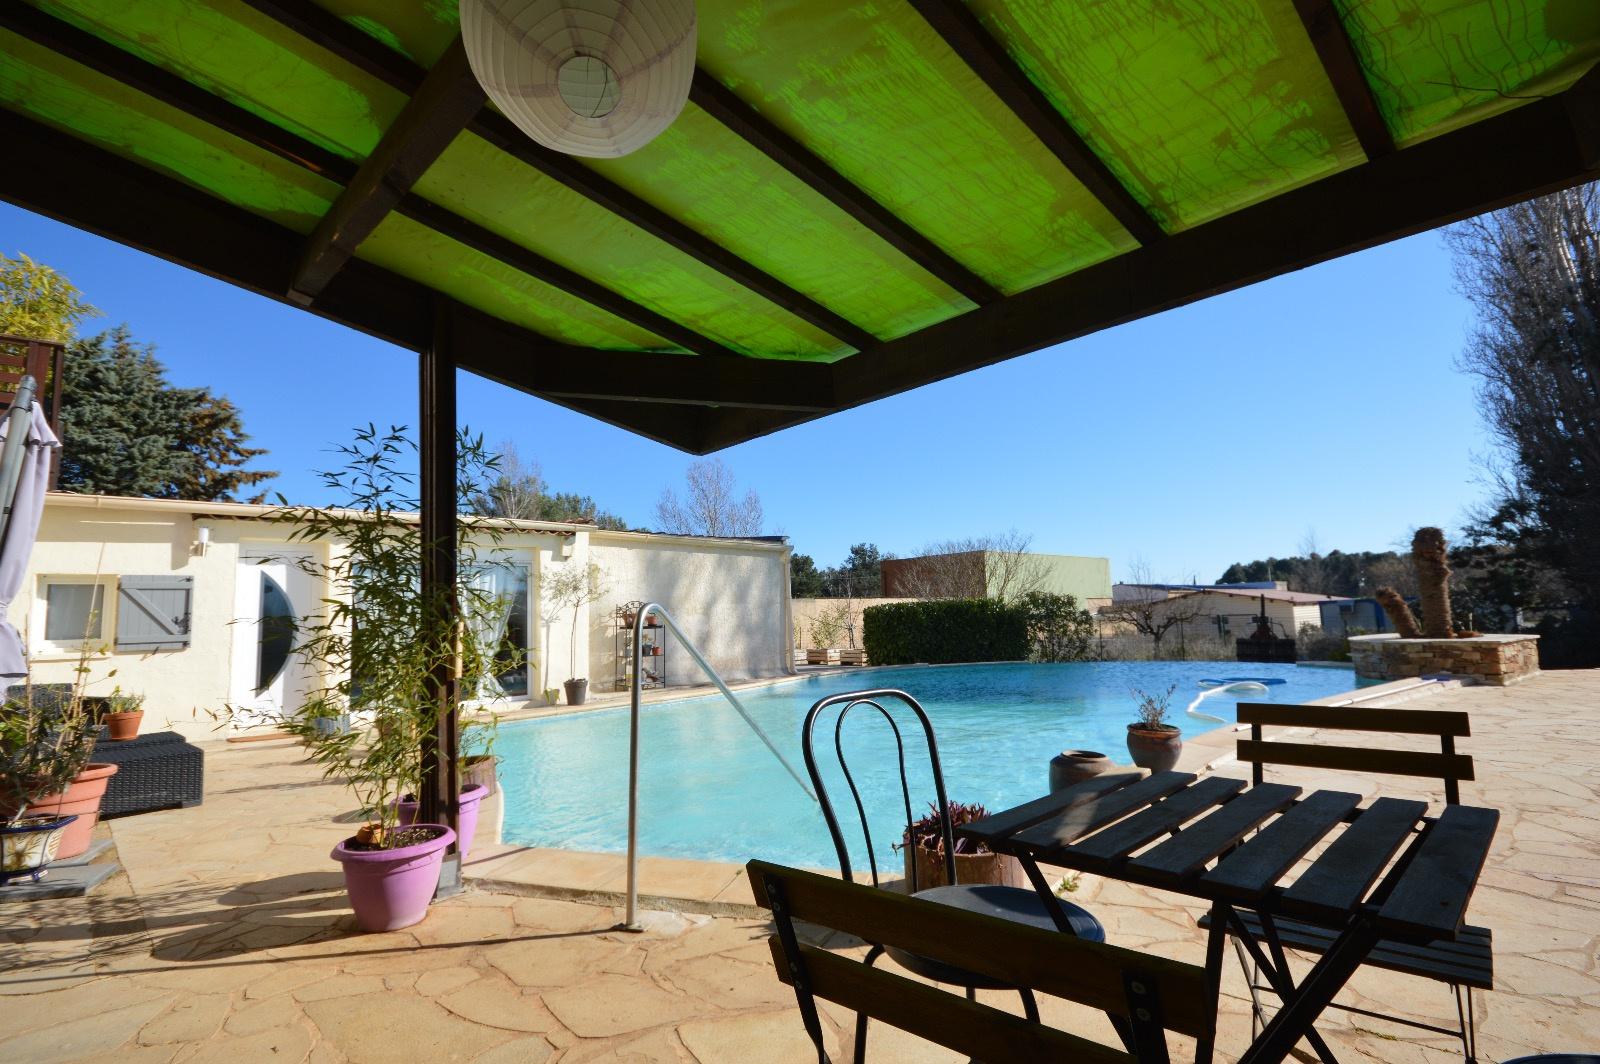 Vente maison t3 4 avec jardin de 700 m2 avec piscine for Jardin 700m2